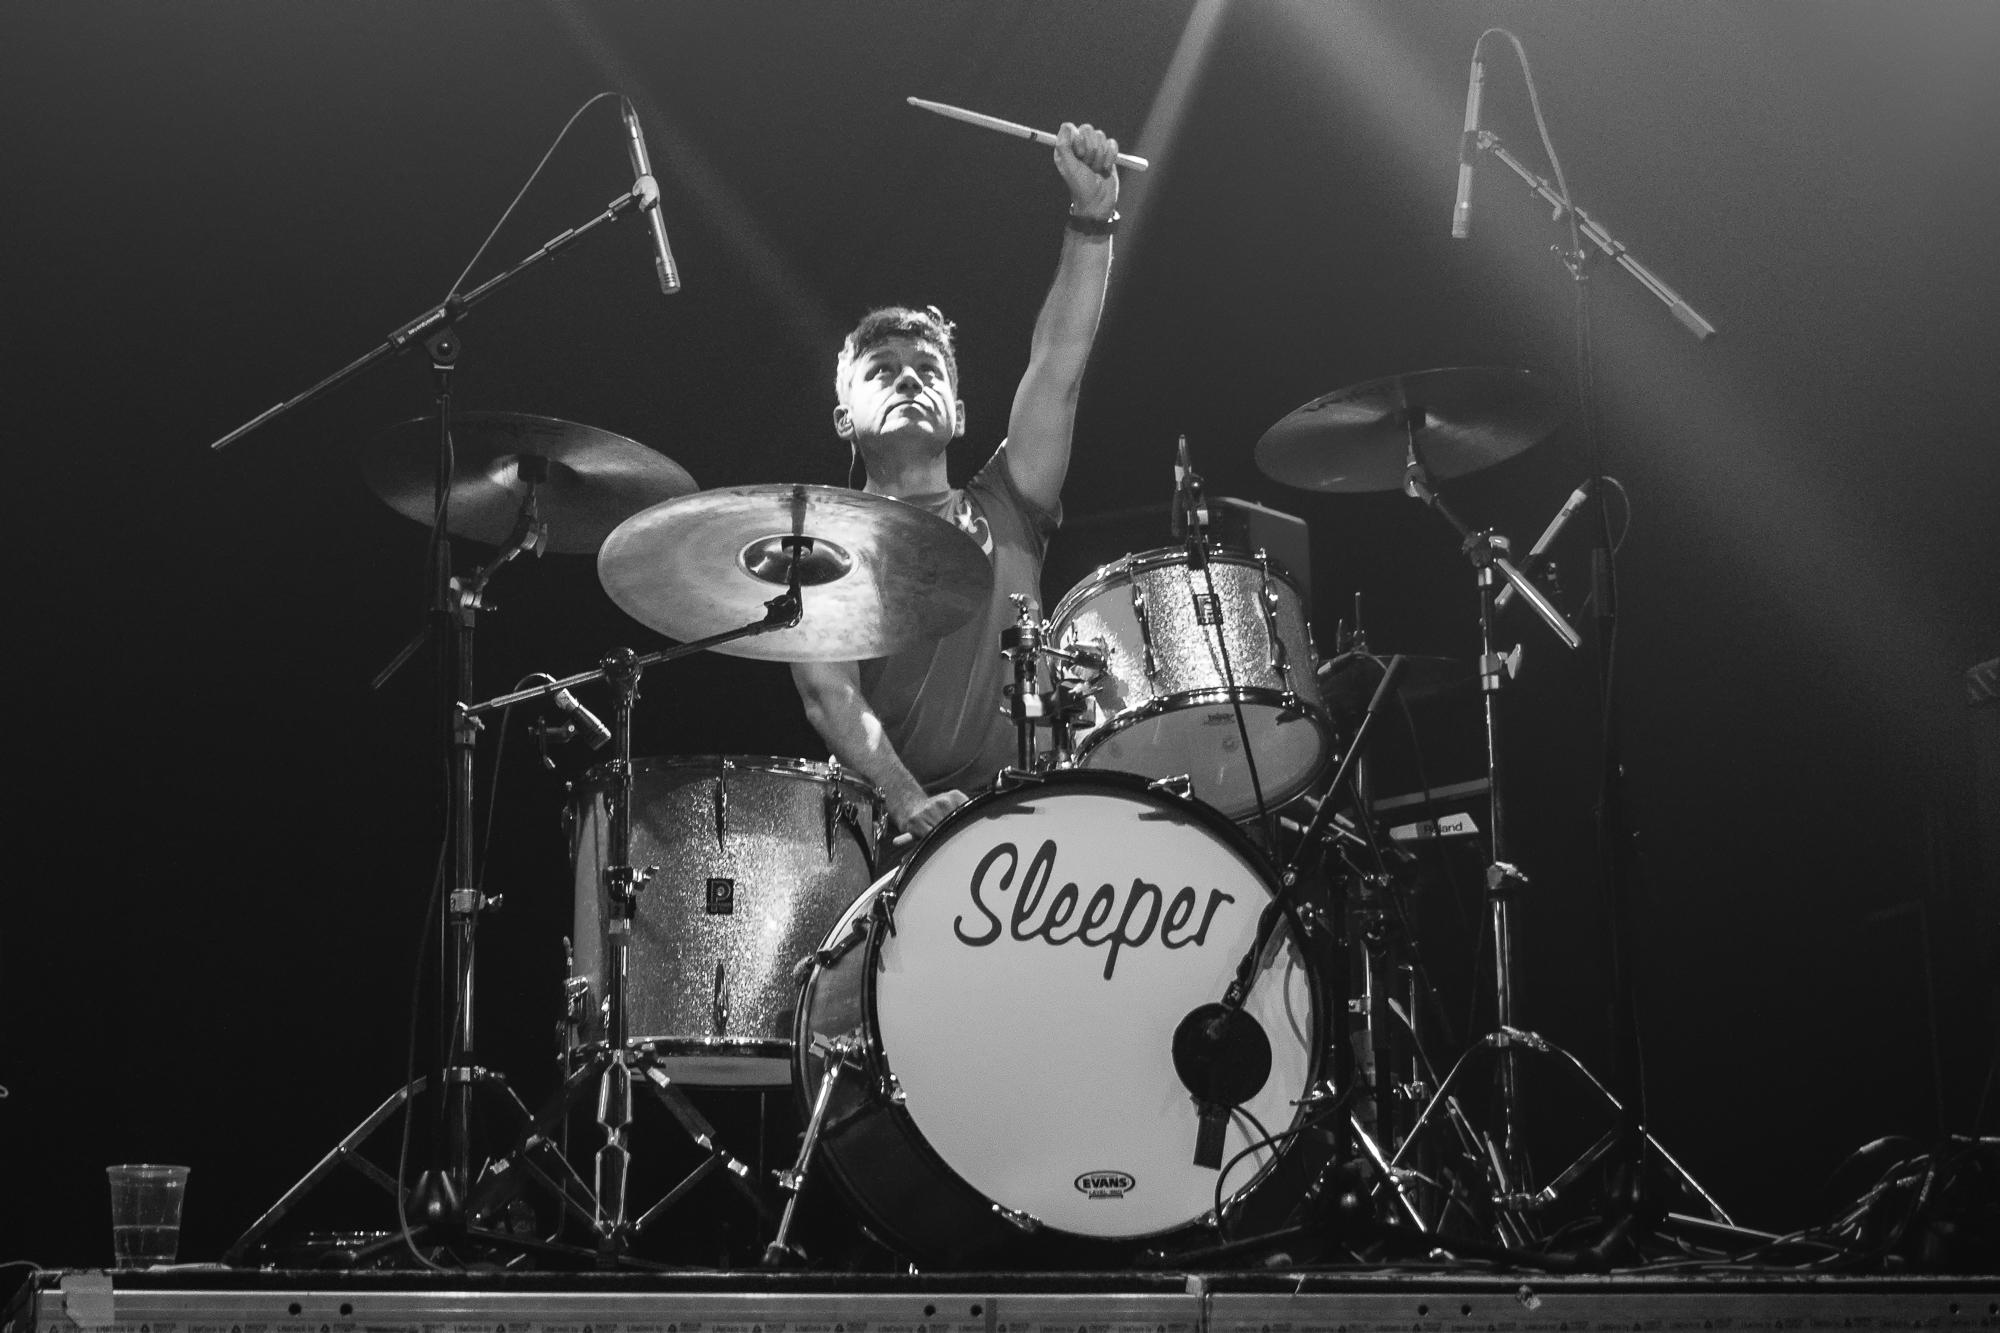 Sleeper-11